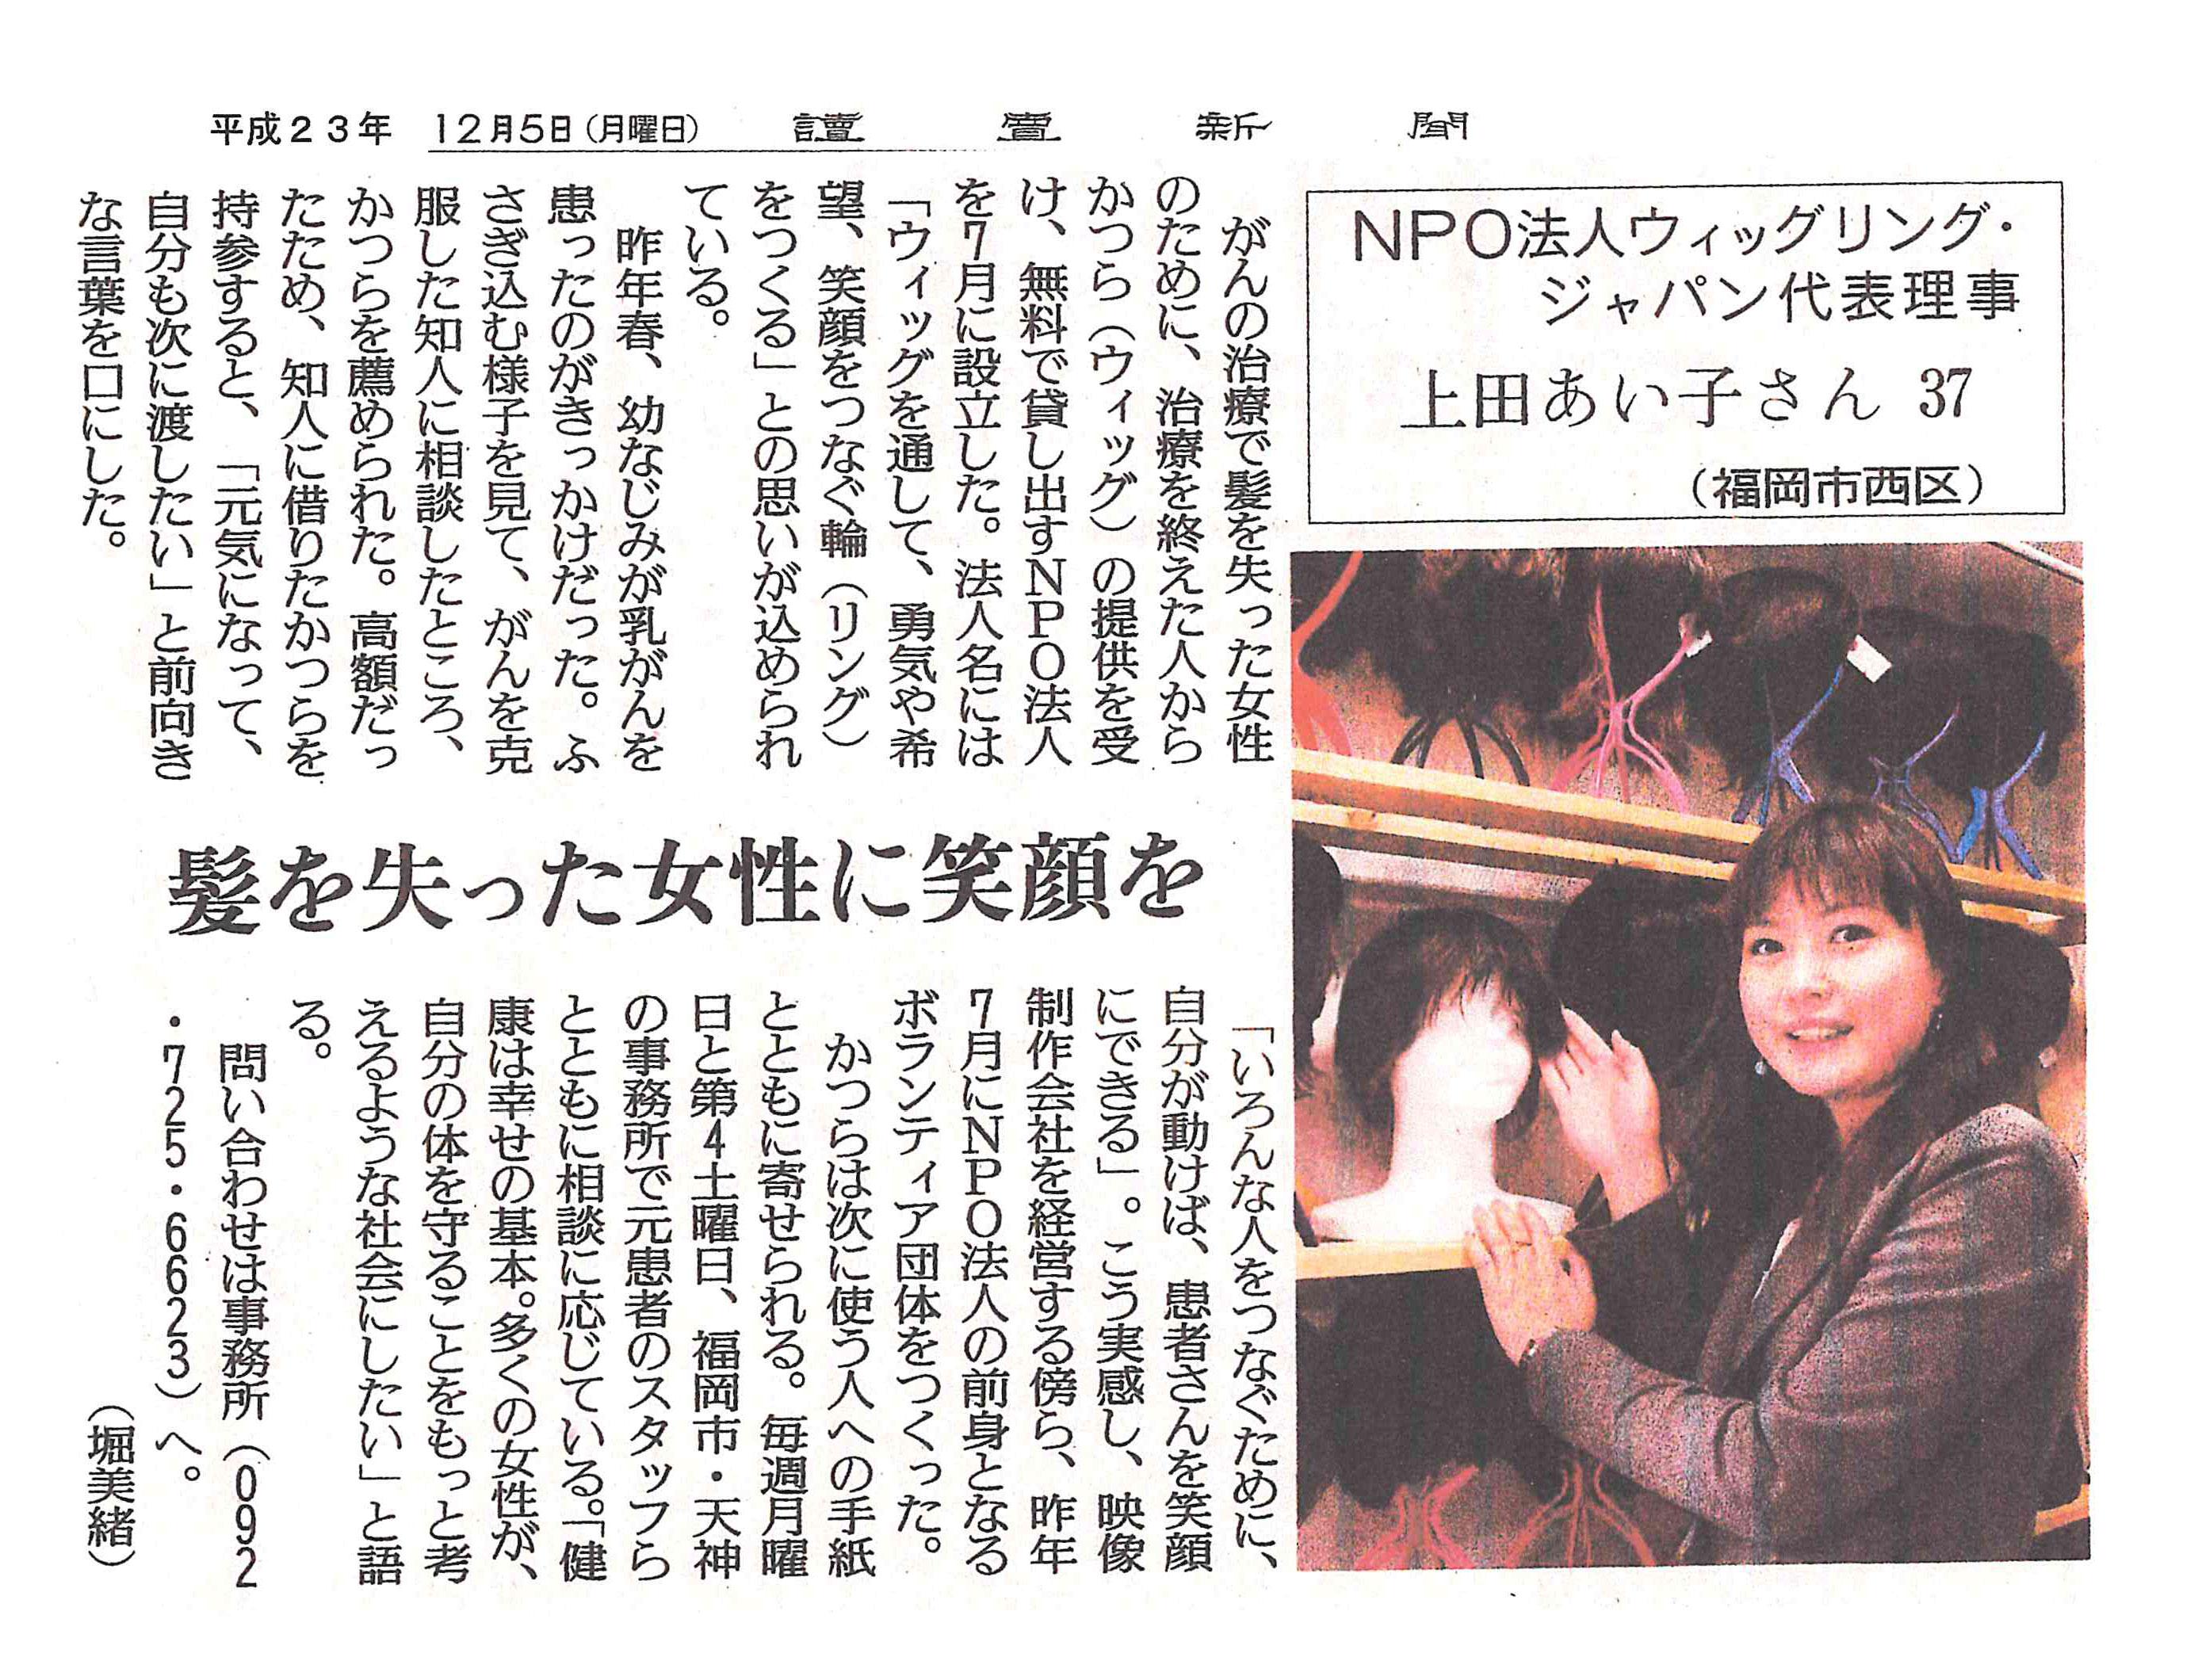 2011年(23年)12月5日(月)読売新聞